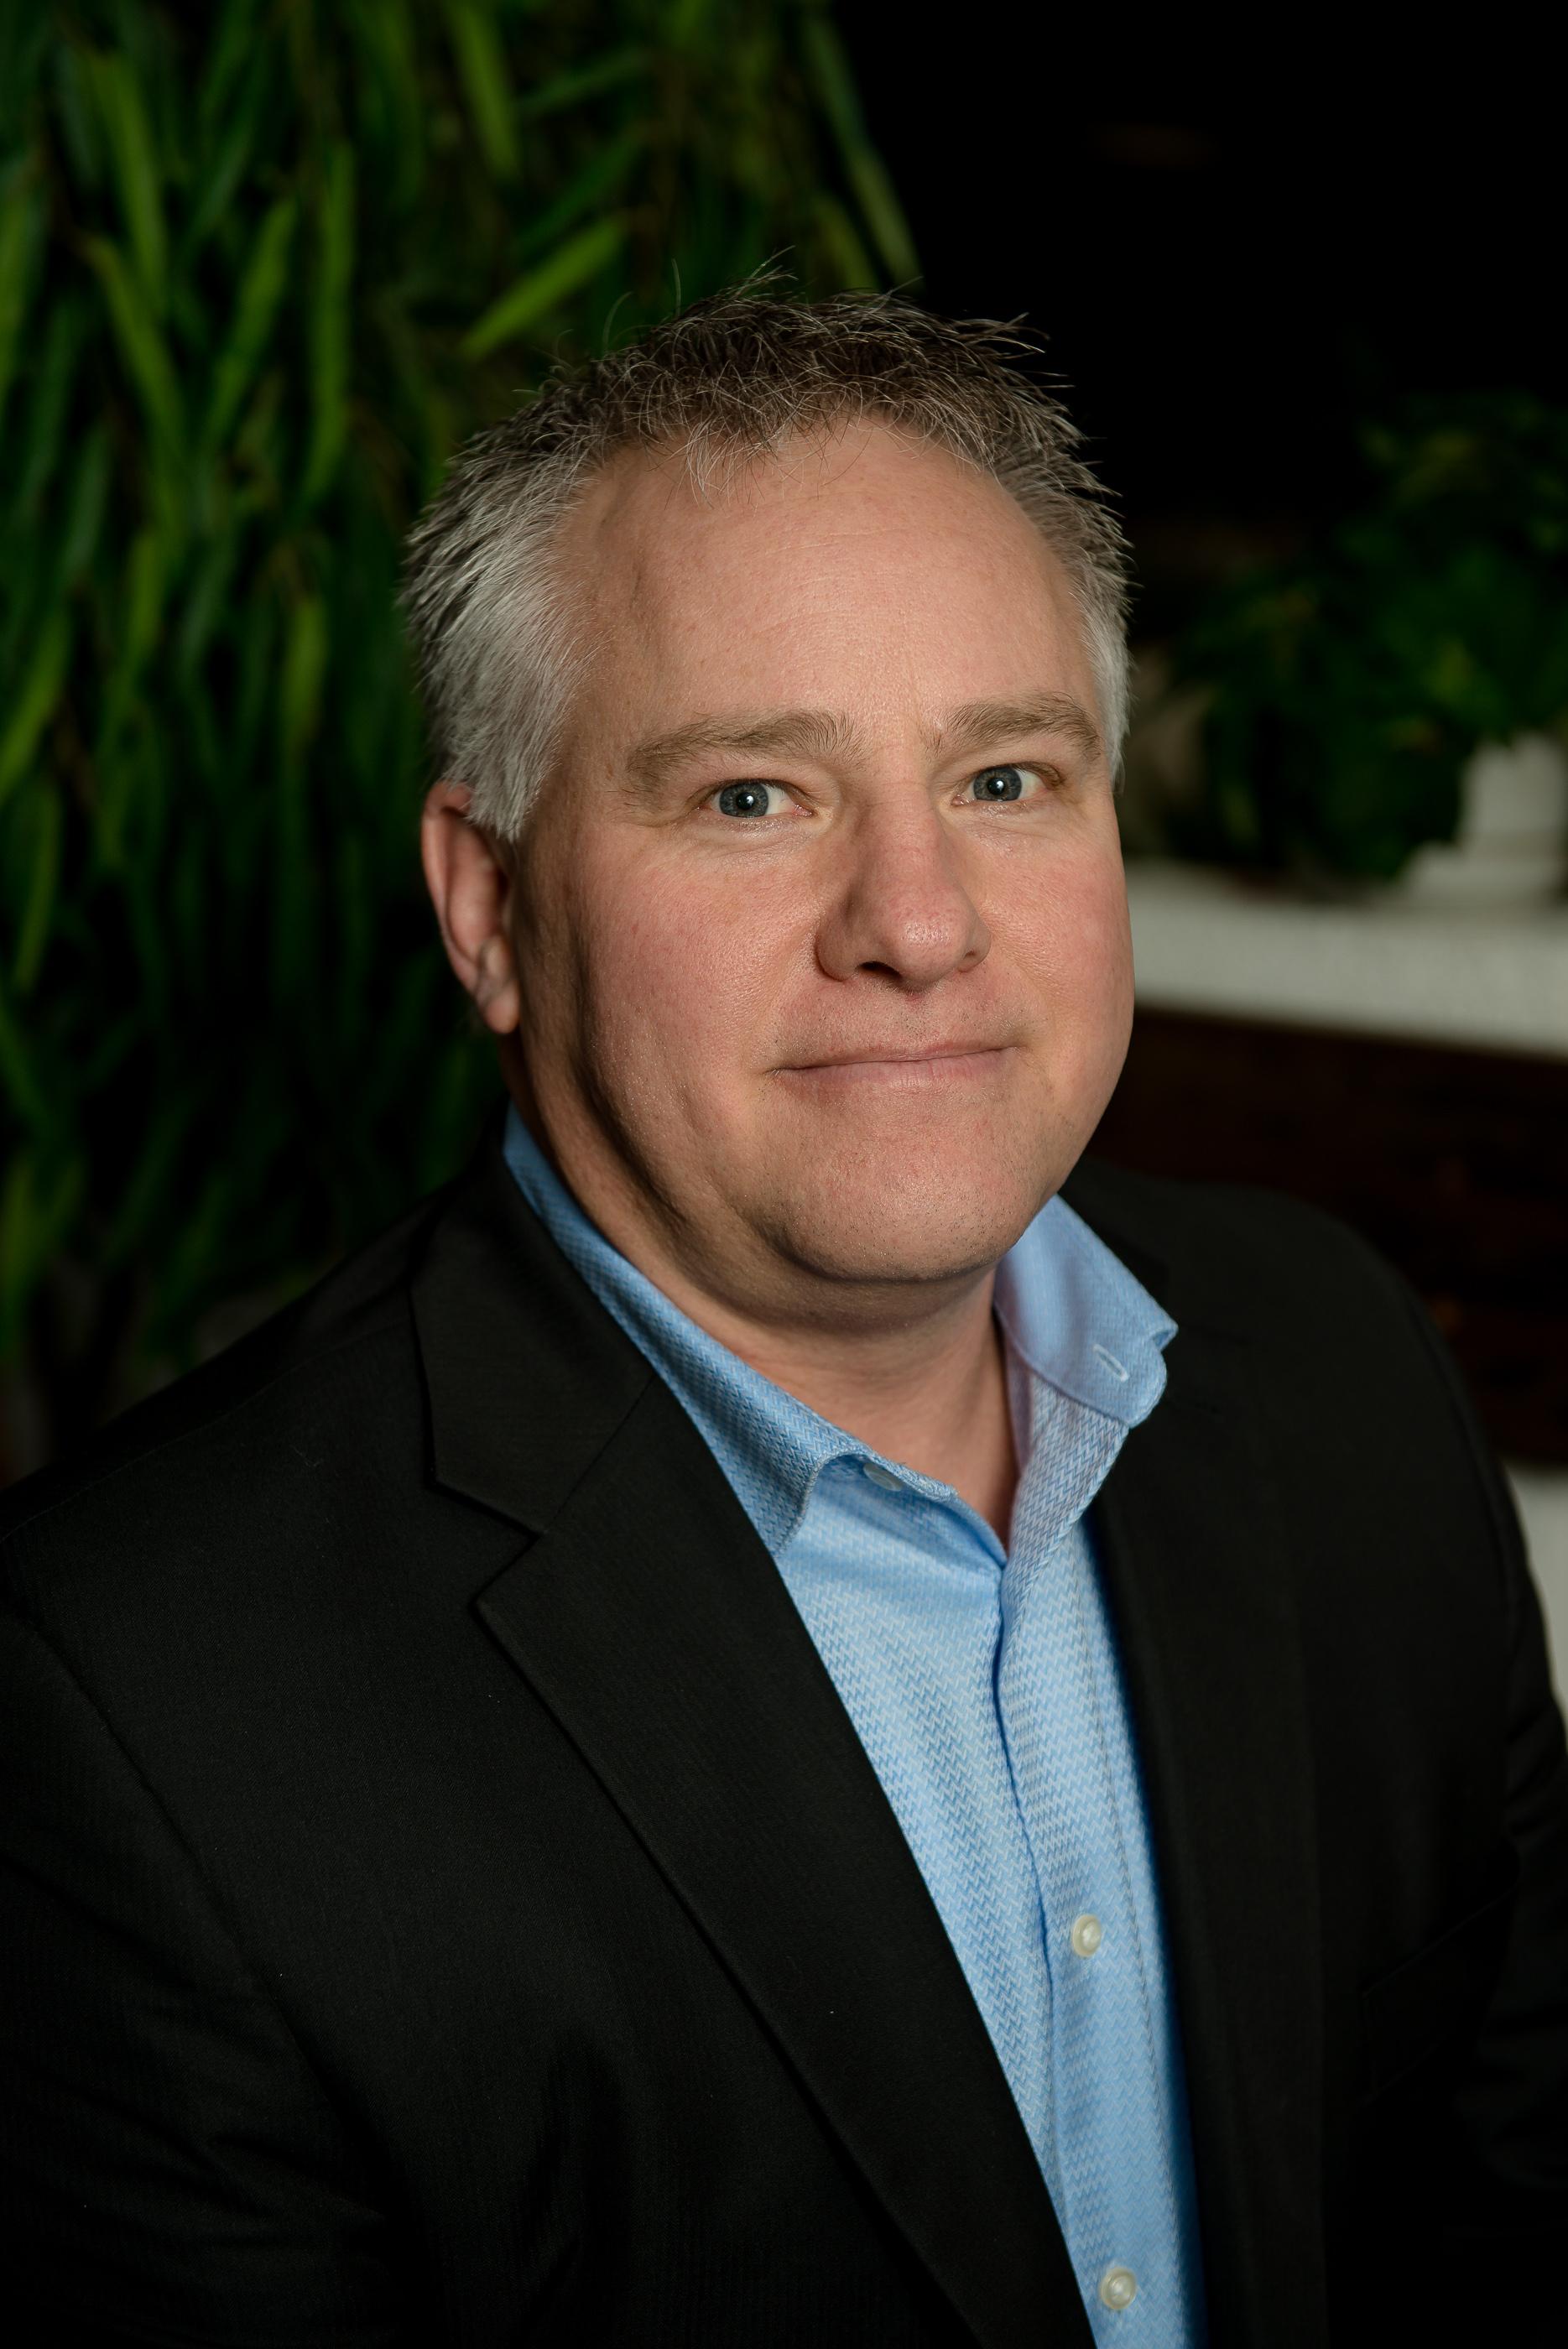 Tim Schindel